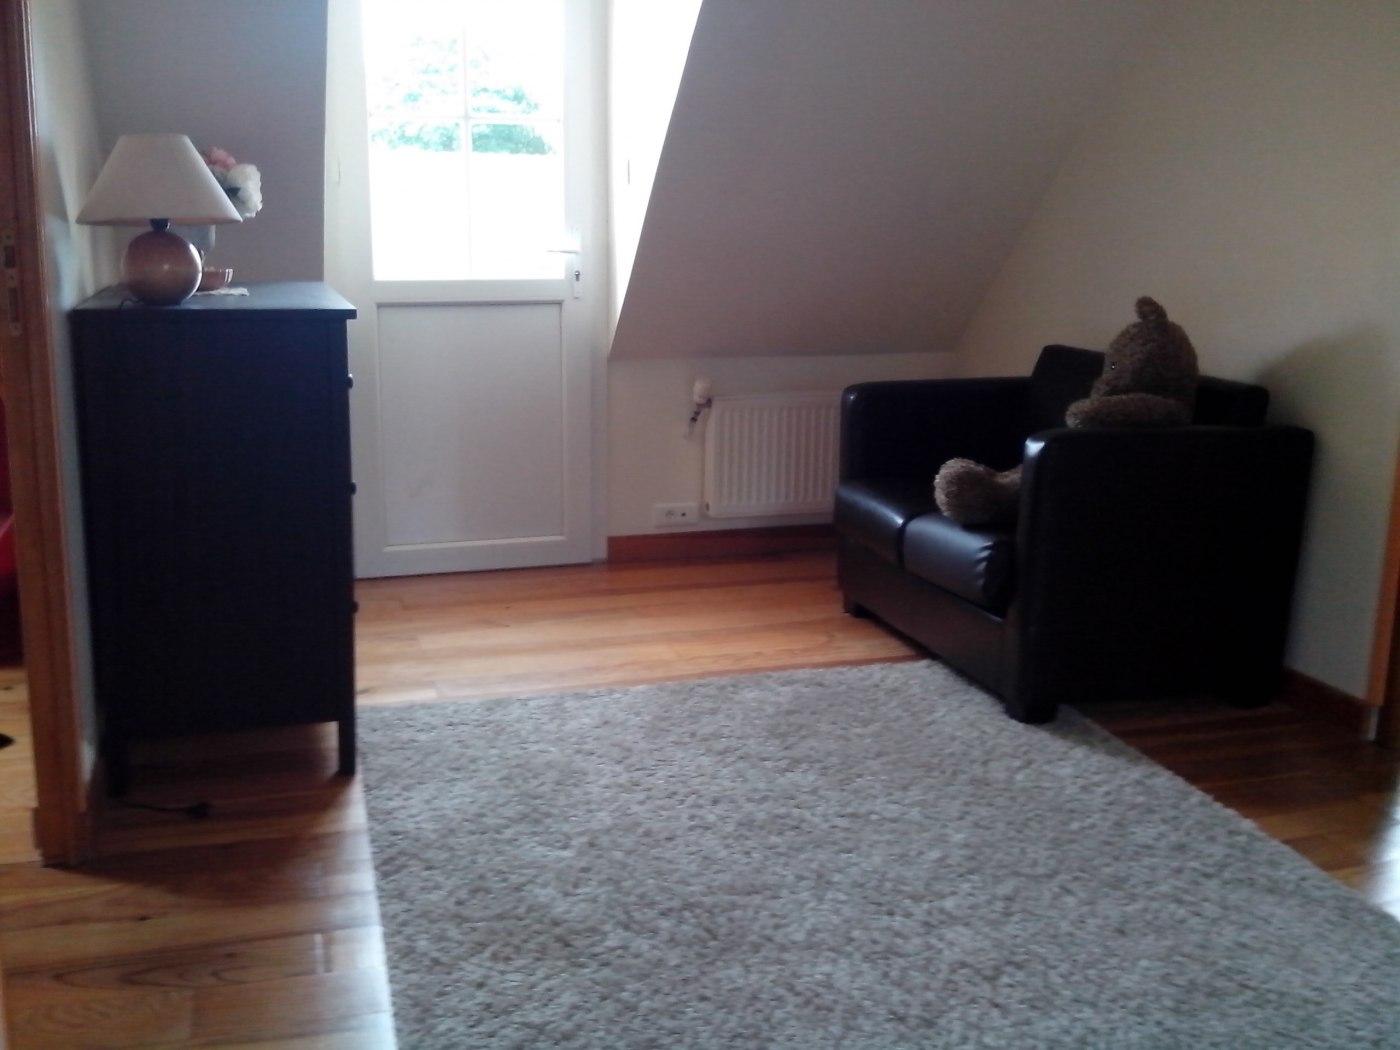 maison vacances locmaria belle le location 8 personnes c line tonnel. Black Bedroom Furniture Sets. Home Design Ideas